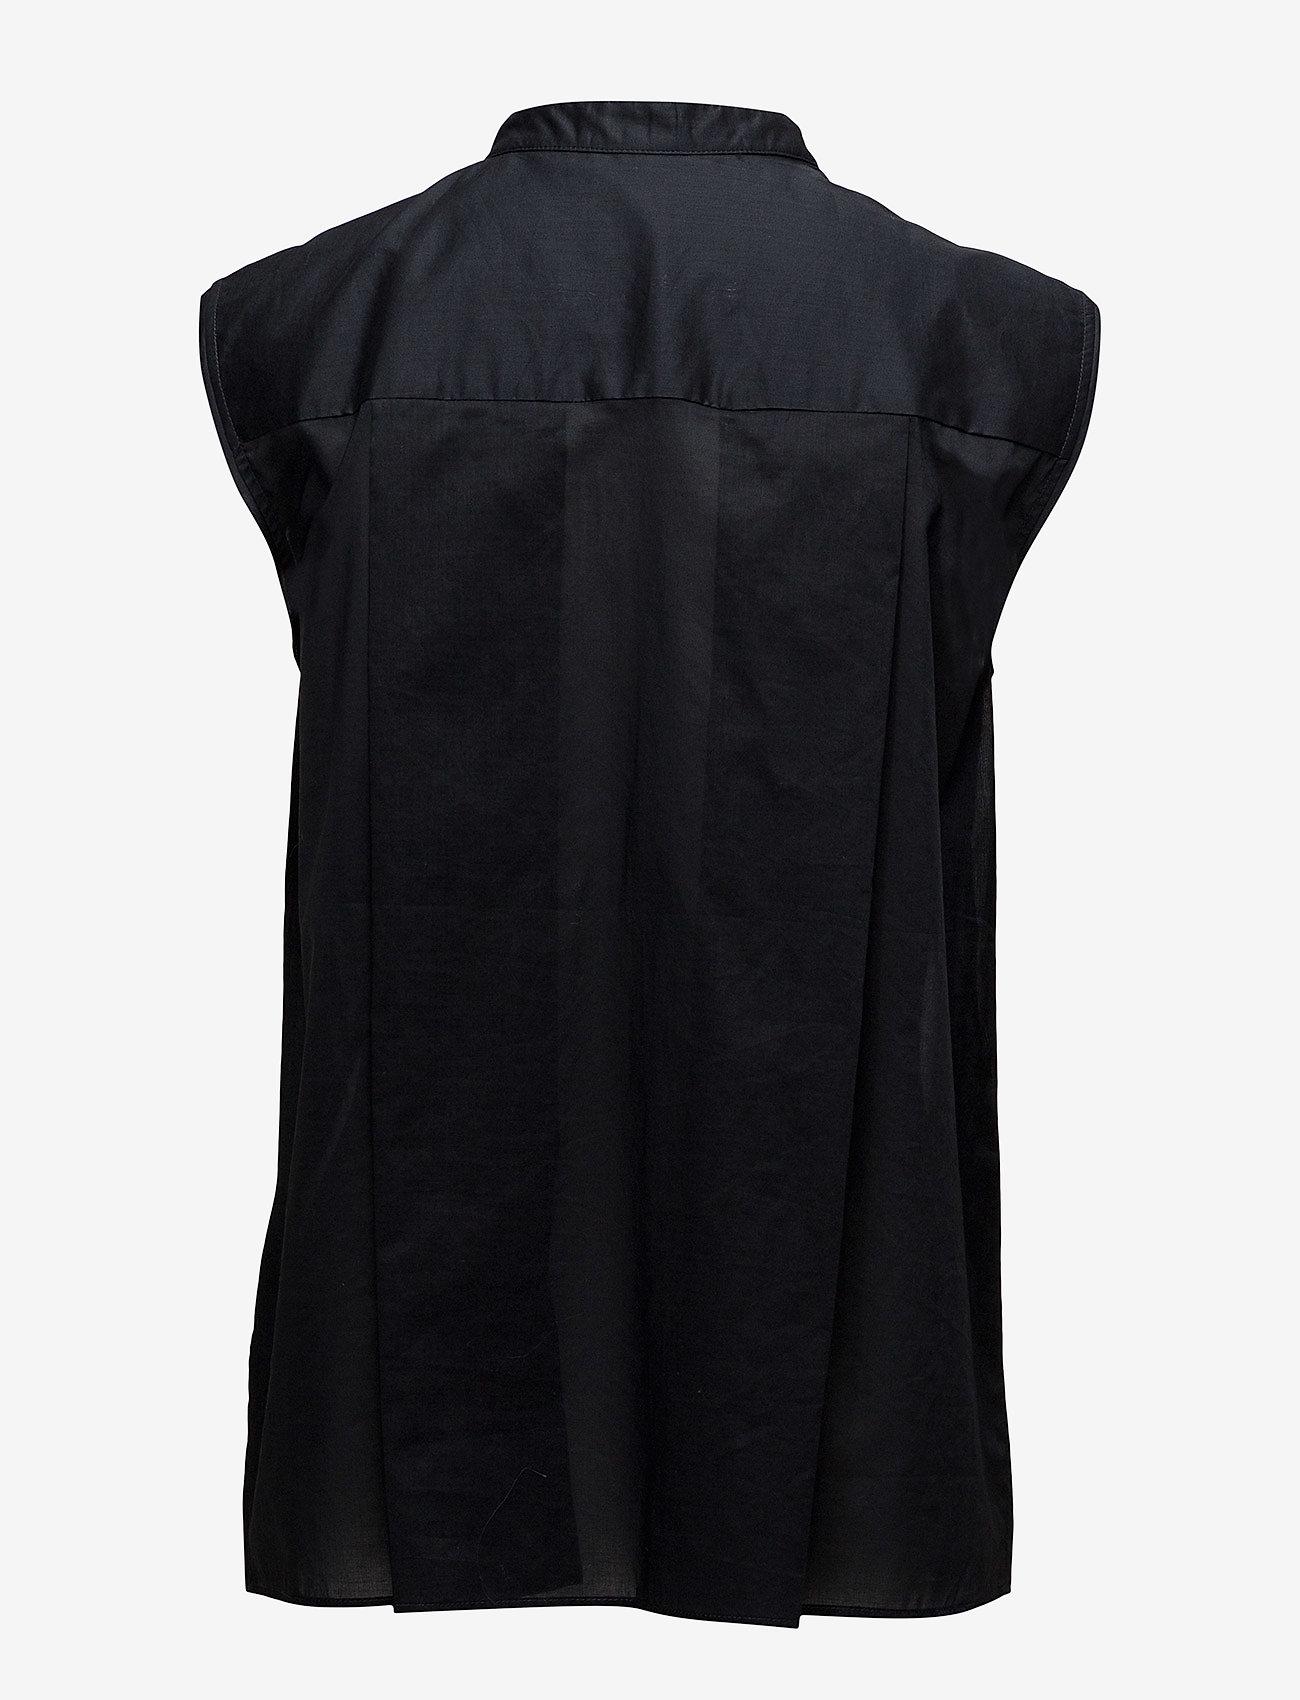 Filippa K - Tuxedo Sleeveless shirt - lyhythihaiset paidat - black - 1